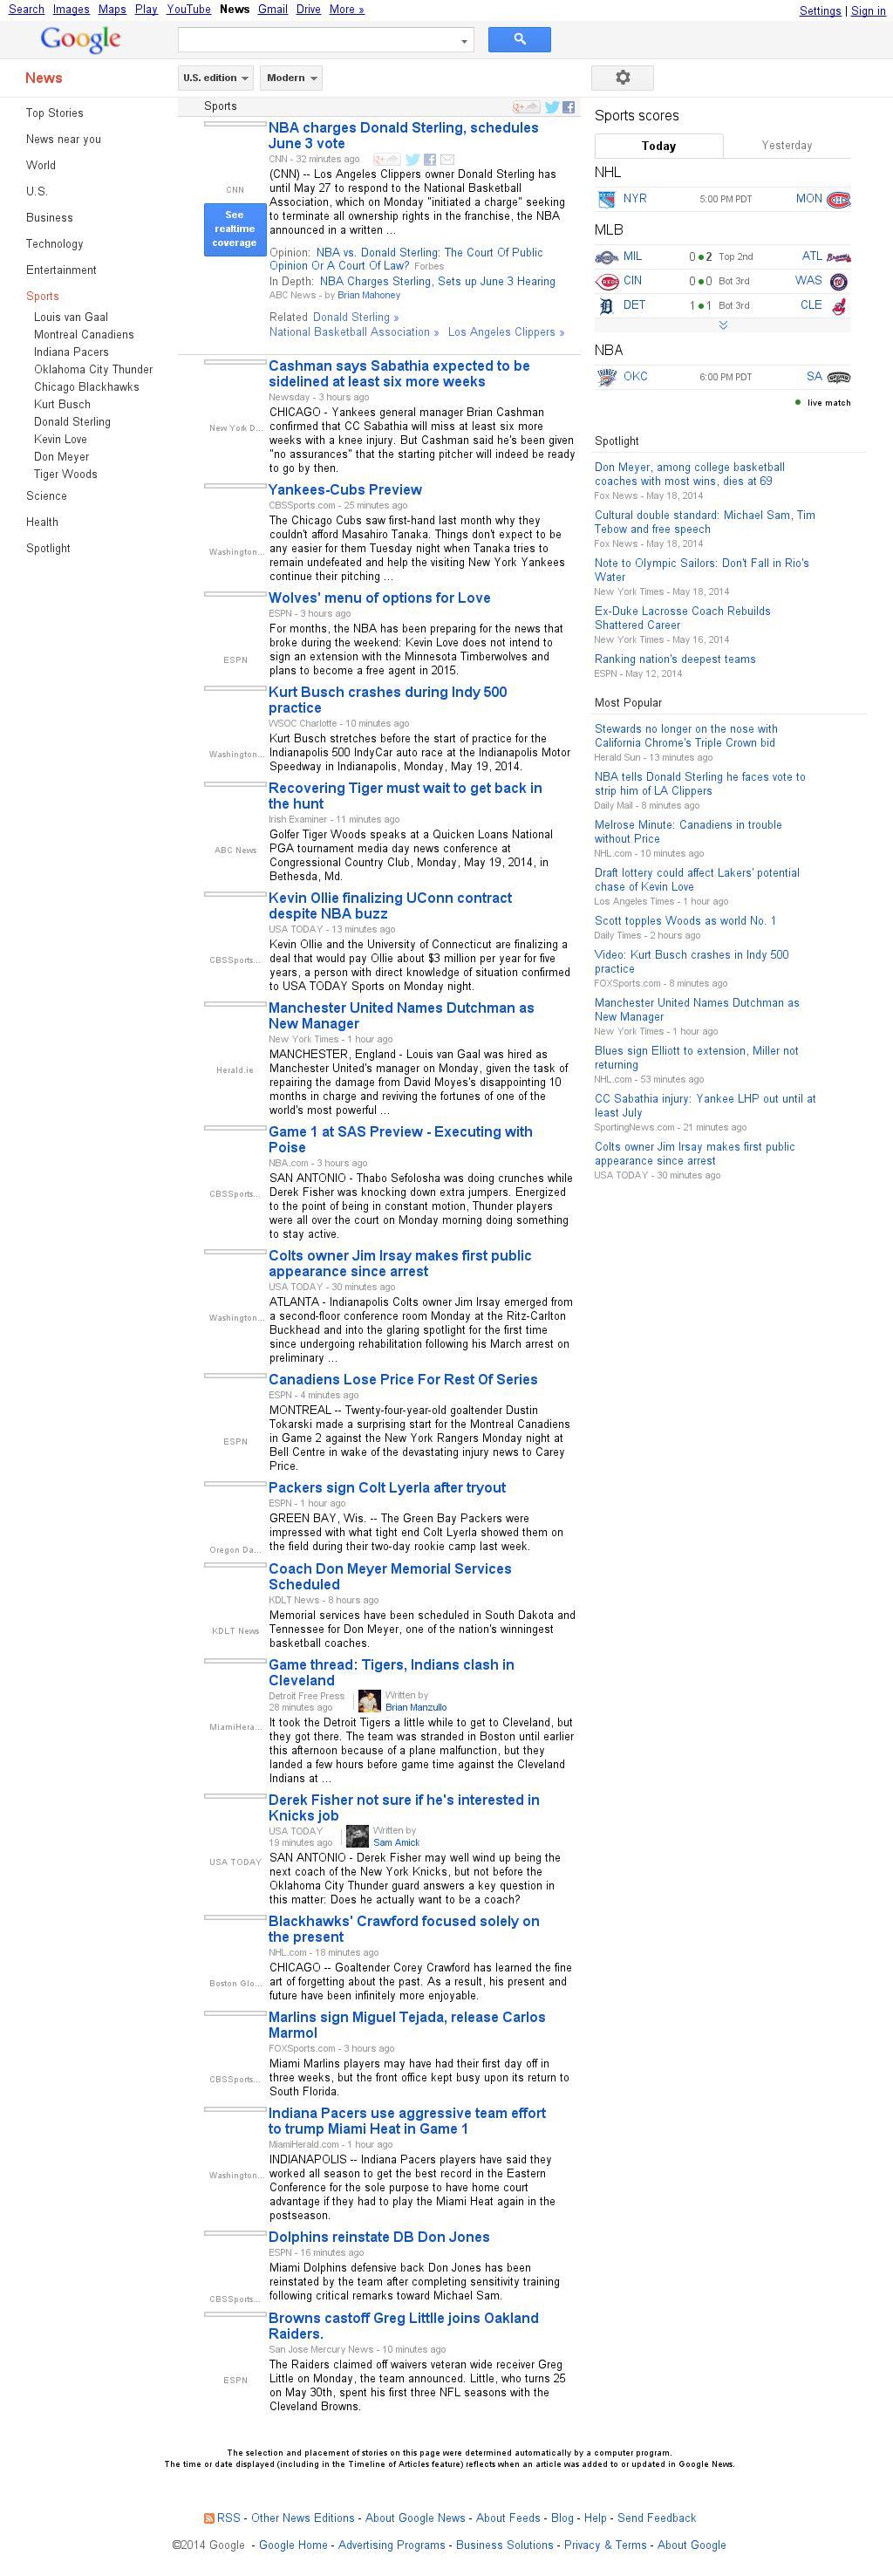 Google News: Sports at Tuesday May 20, 2014, 12:09 a.m. UTC